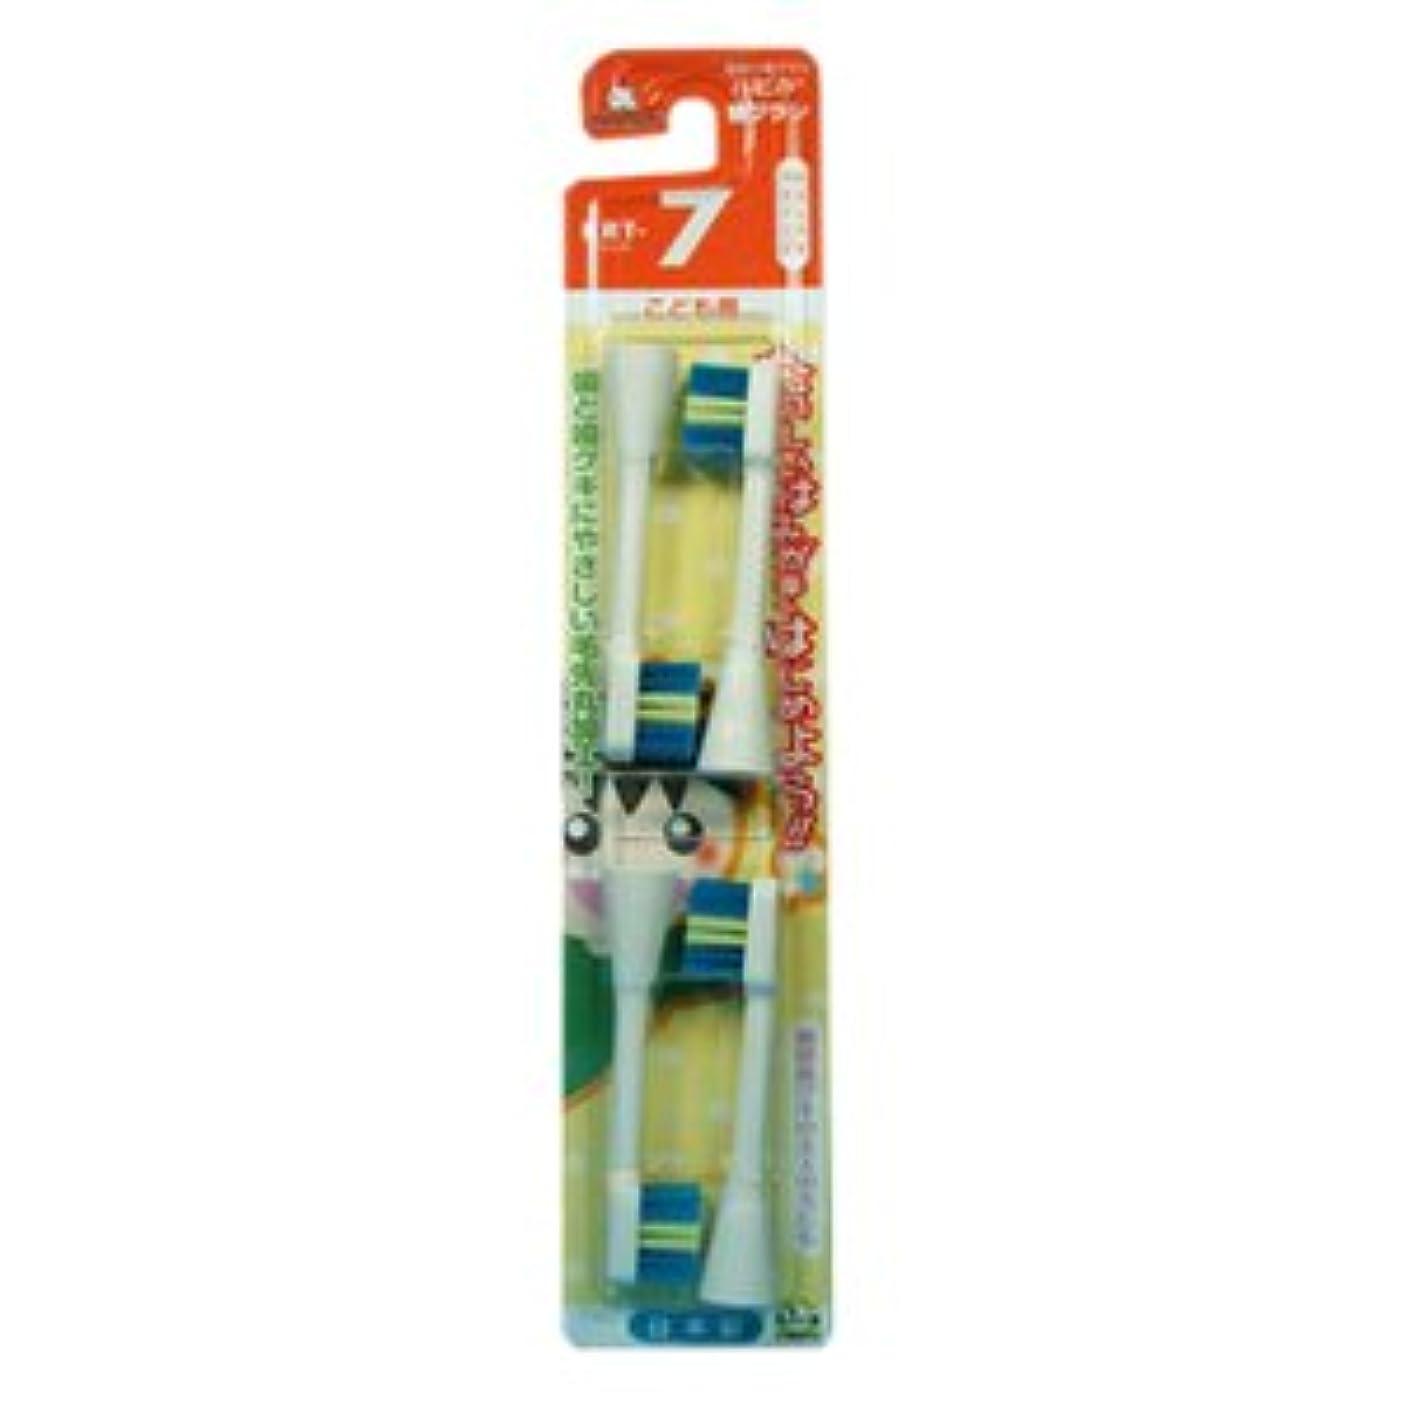 スペシャリスト謎めいたたまにミニマム 電動付歯ブラシ ハピカ 専用替ブラシ こども用 毛の硬さ:やわらかめ BRT-7 4個入